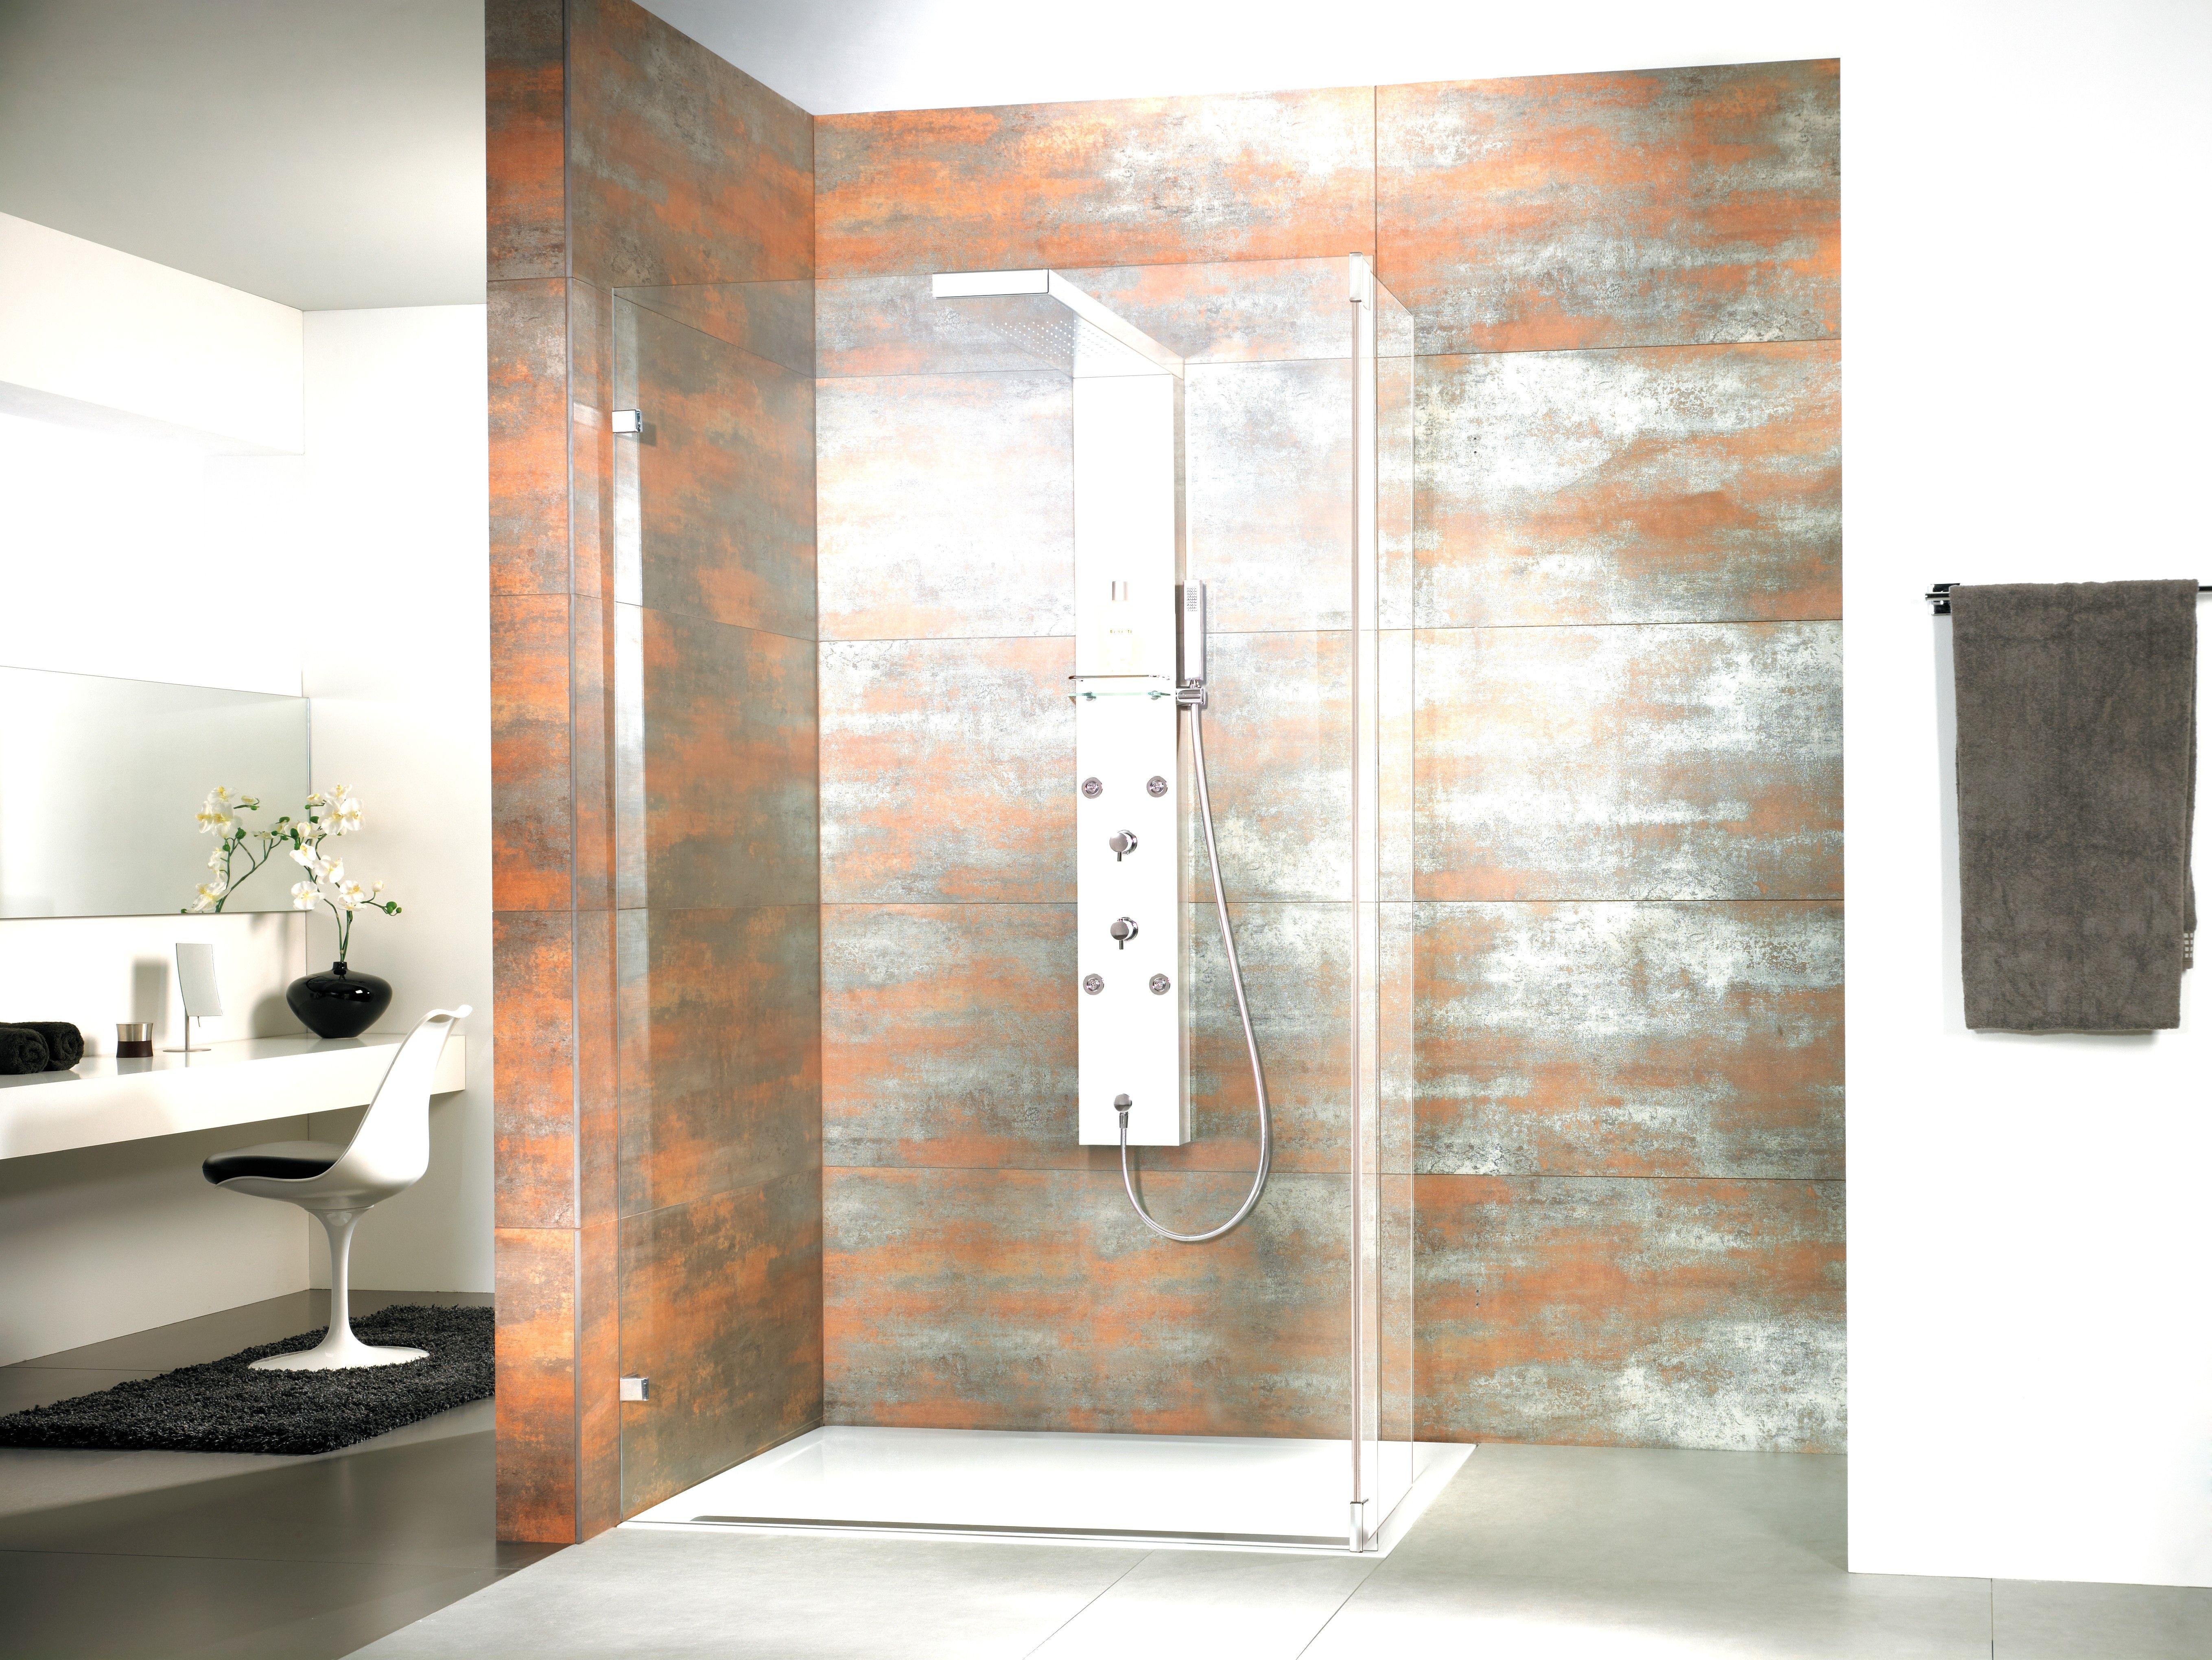 Hsk Lavida Duschpaneel Montage (mit Bildern) Dusche